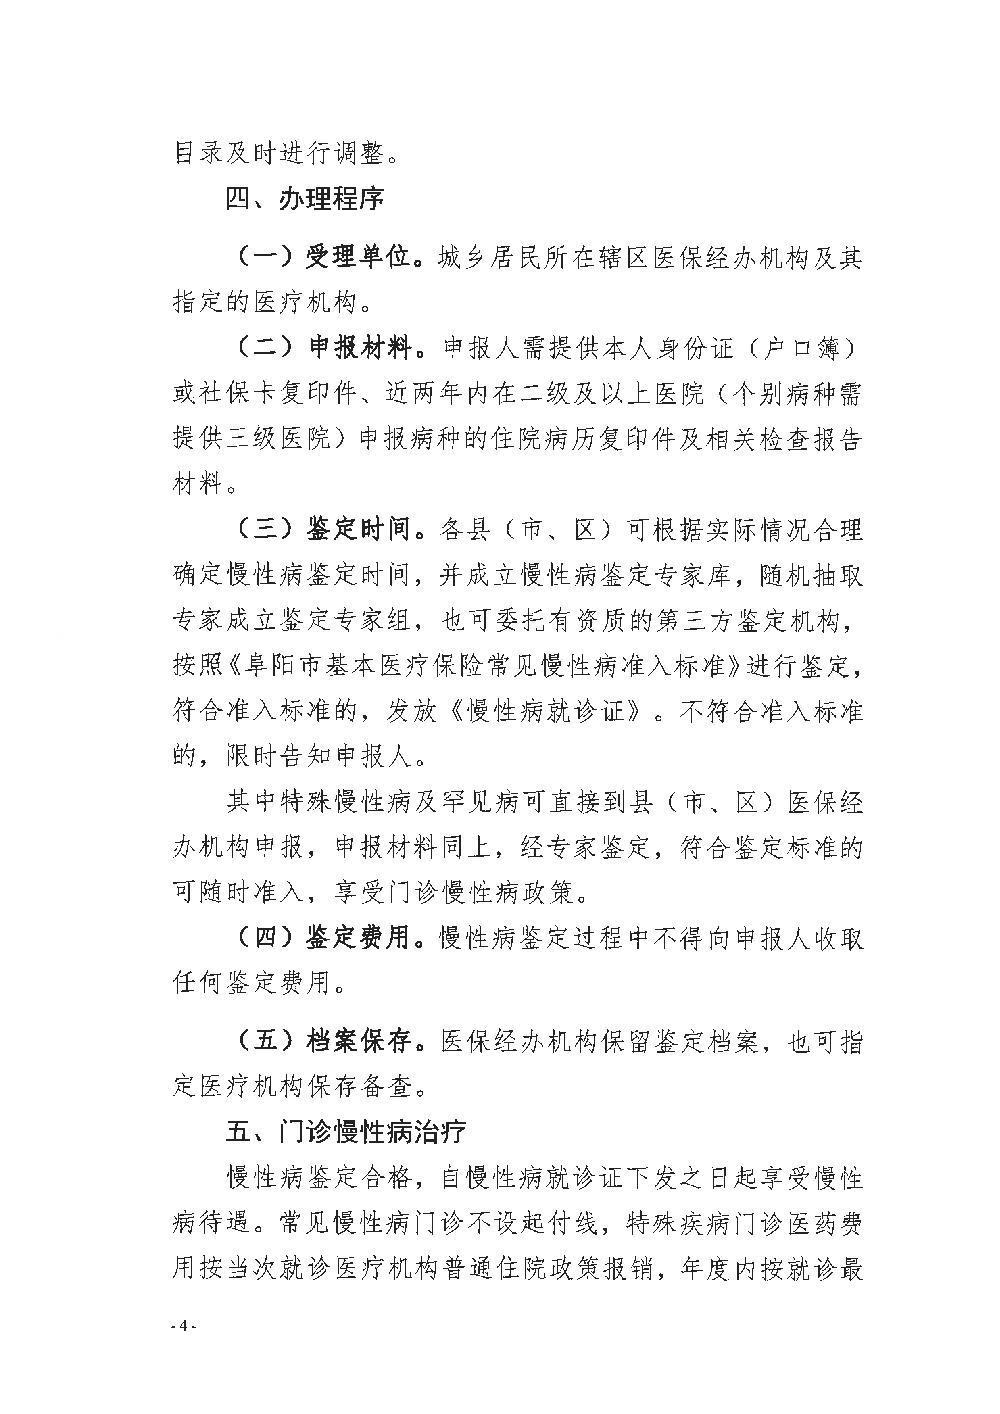 阜阳市城乡居民慢性病管理办法(1)_4.JPG